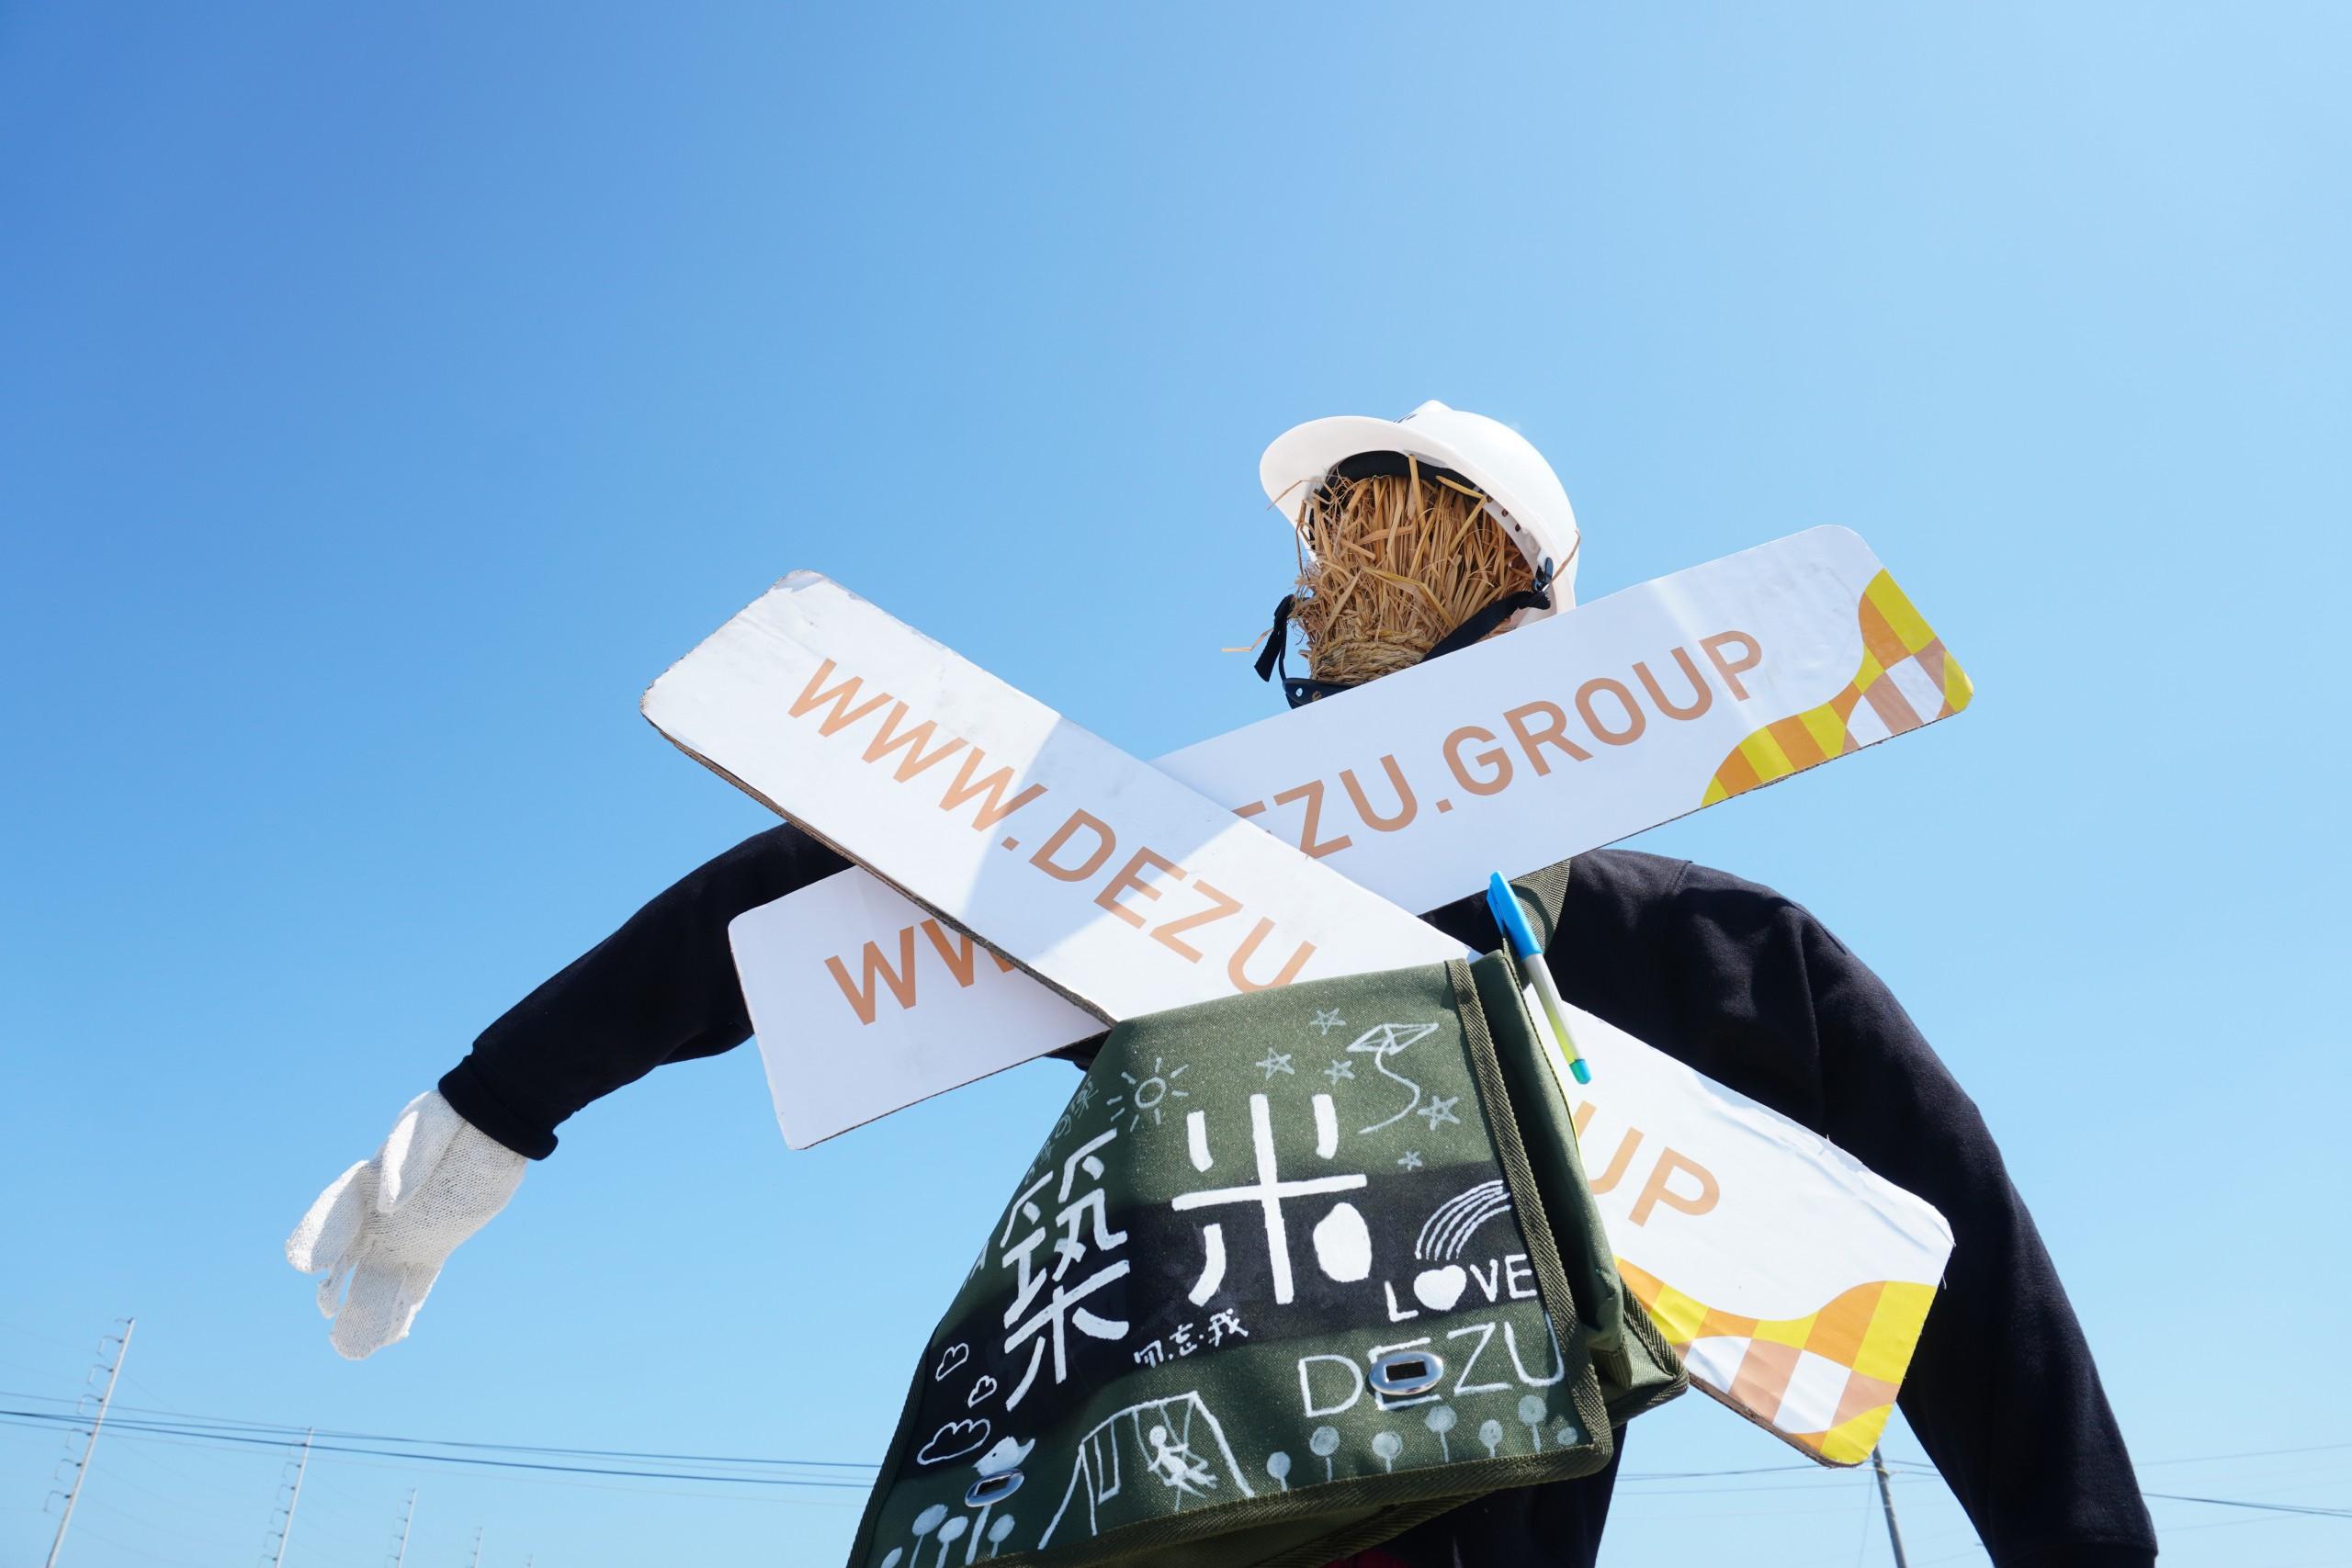 德築-DEZU-project-Zumi-activity-start-experience-24